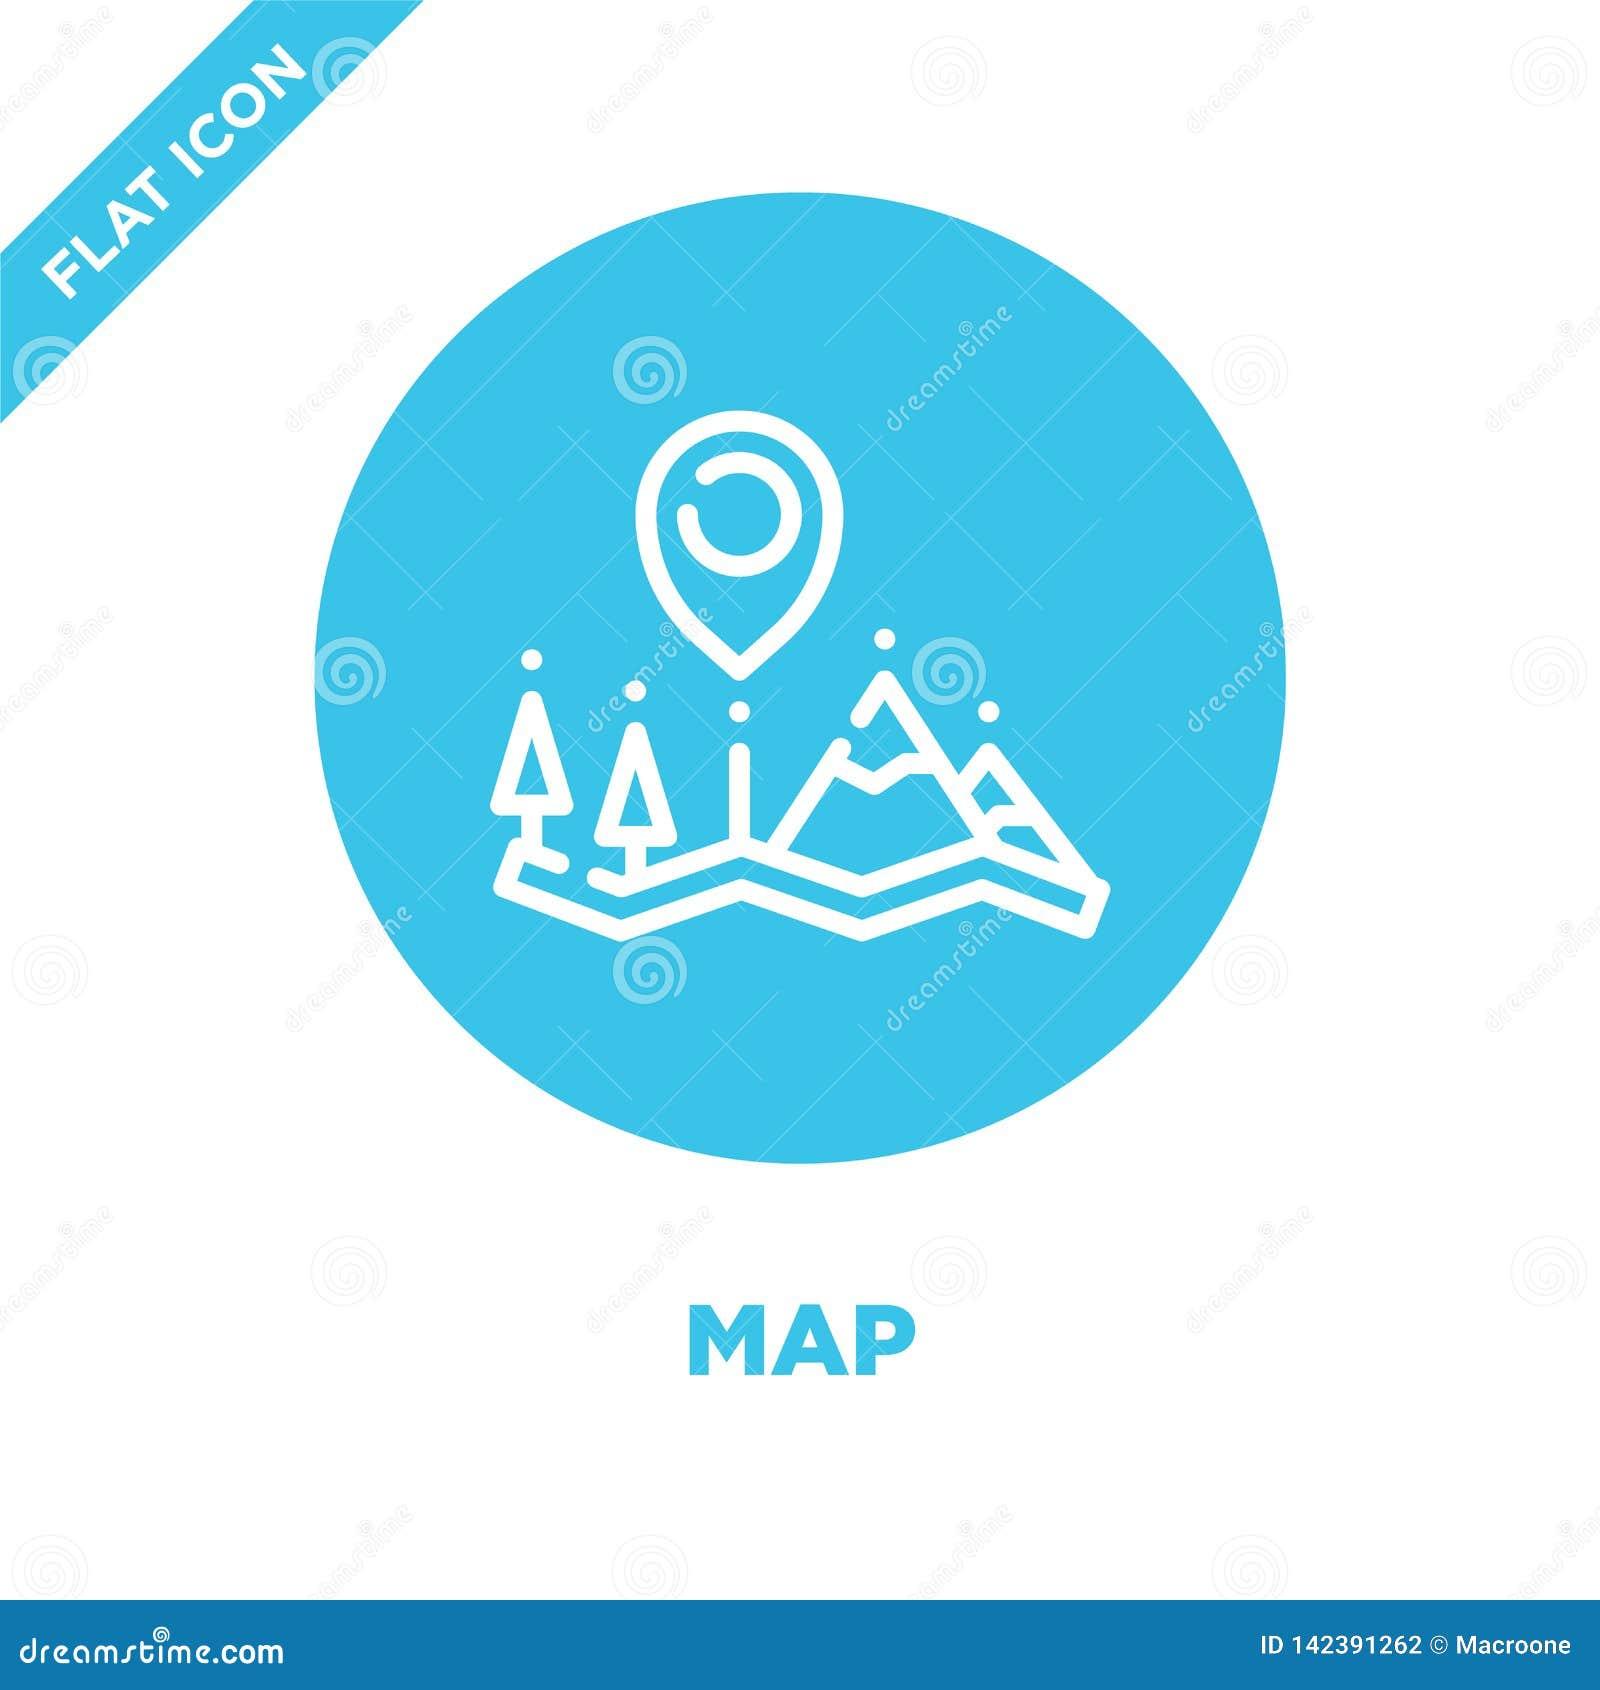 Vetor do ícone do mapa da coleção de acampamento Linha fina ilustração do vetor do ícone do esboço do mapa Símbolo linear para o